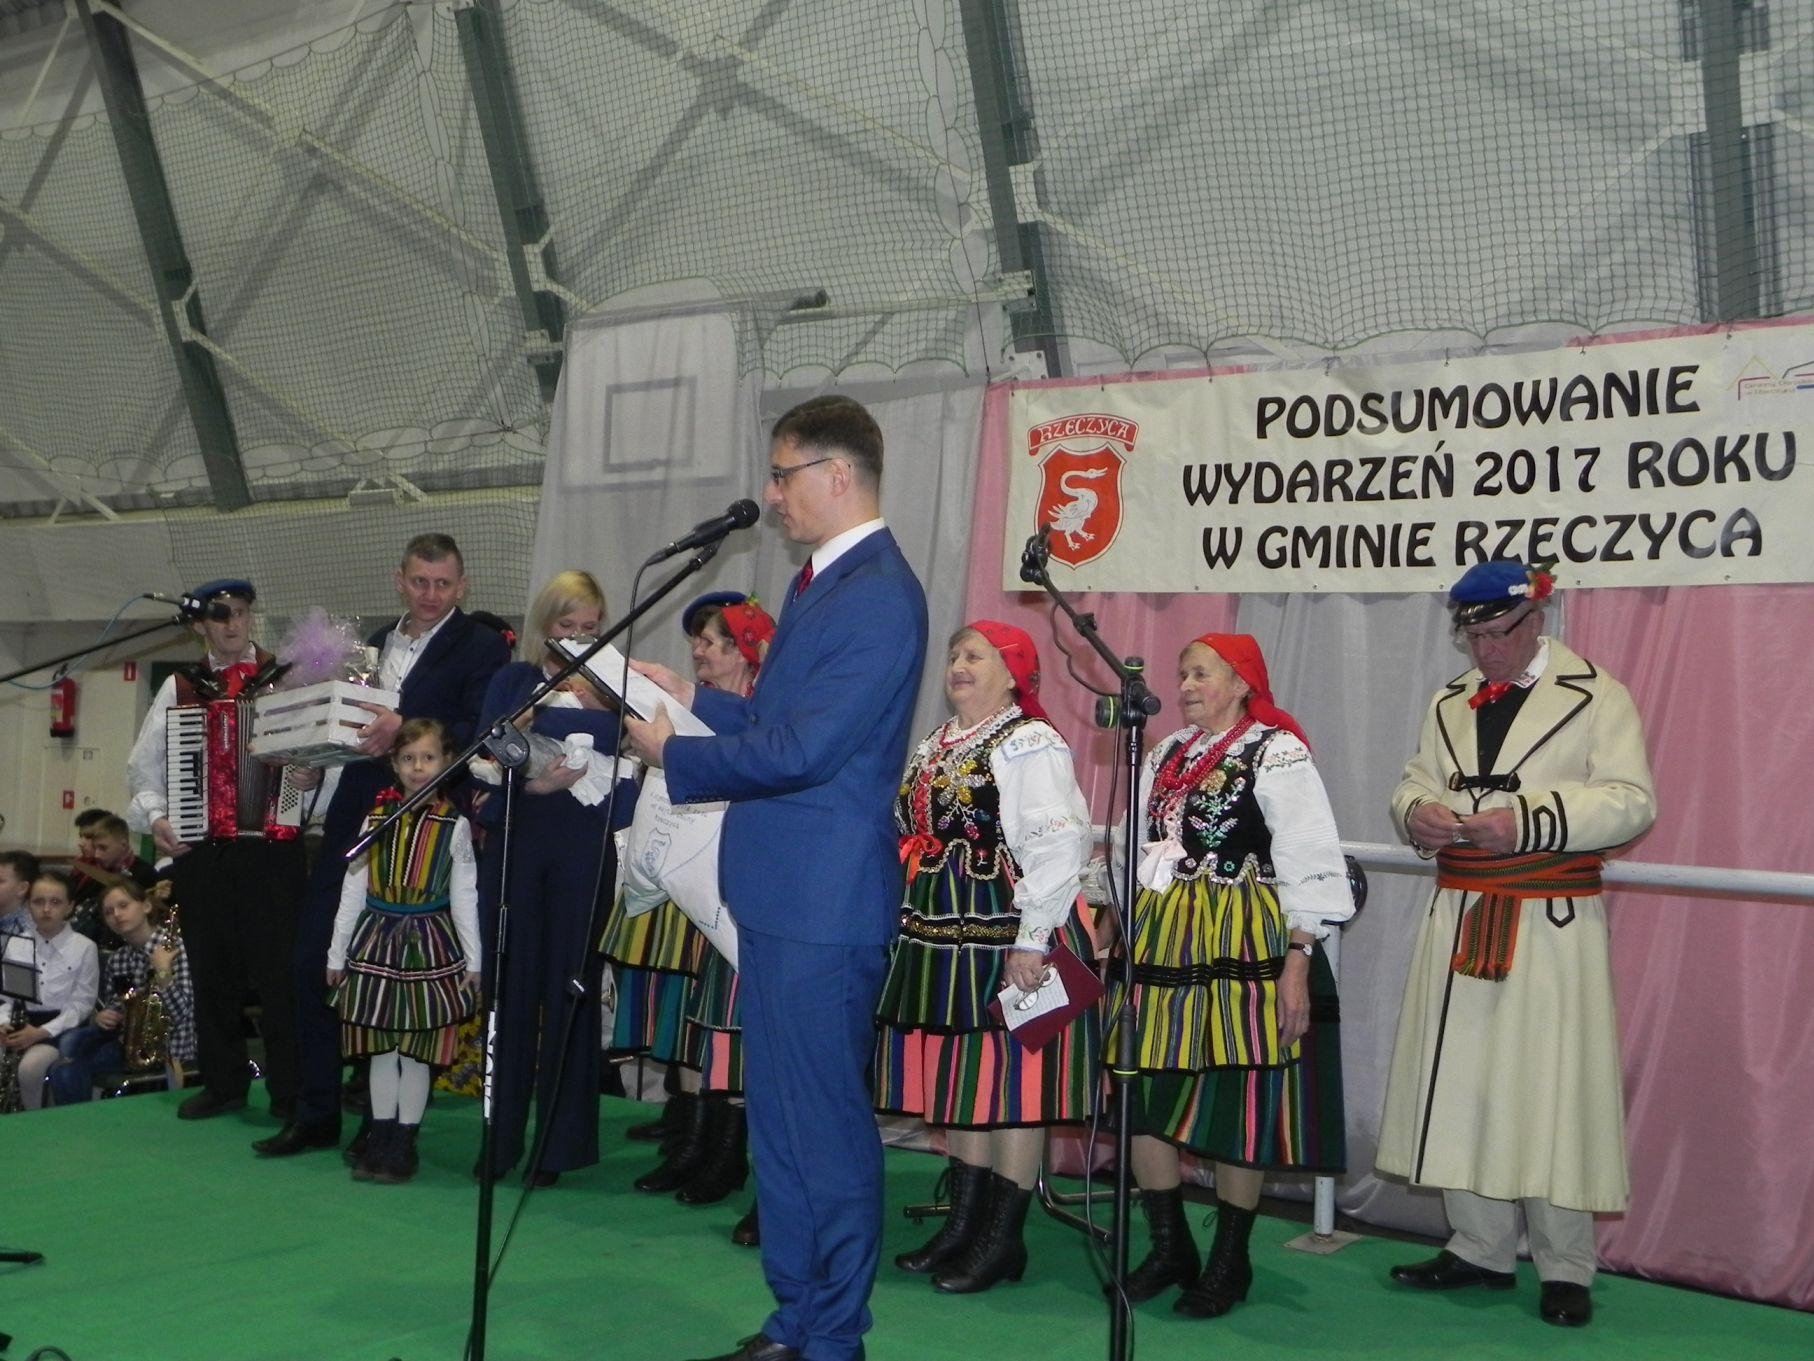 2018-02-10 Rzeczyca (49)